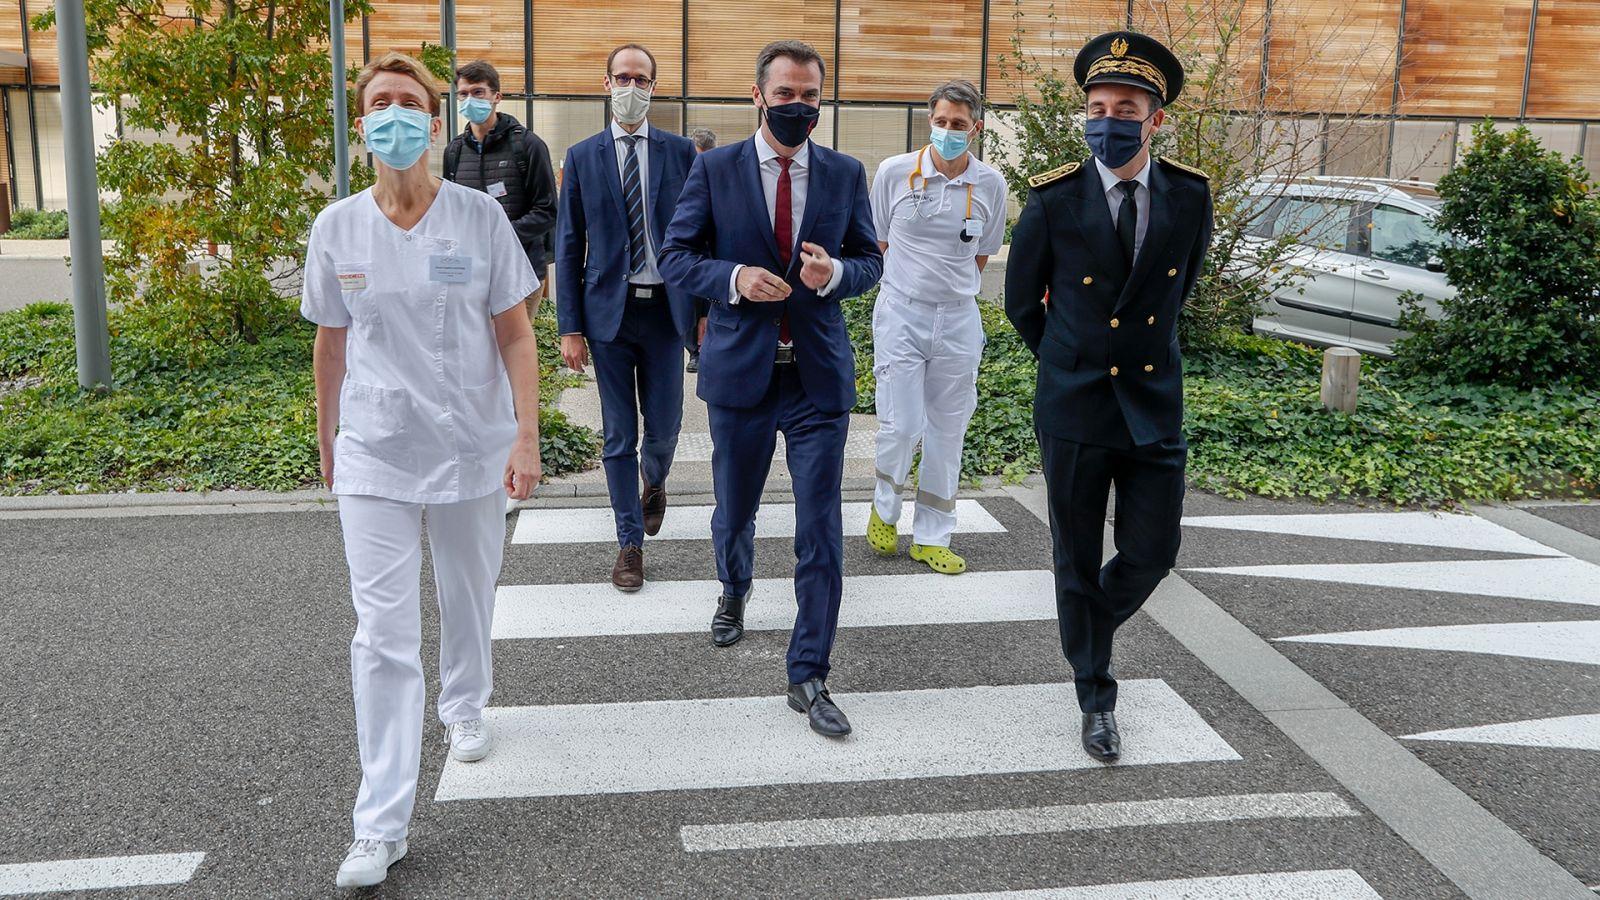 Monsieur Olivier Veran, ministre de la santé, a inauguré le 9 octobre 2020 l'hôpital Nord Franche Comté